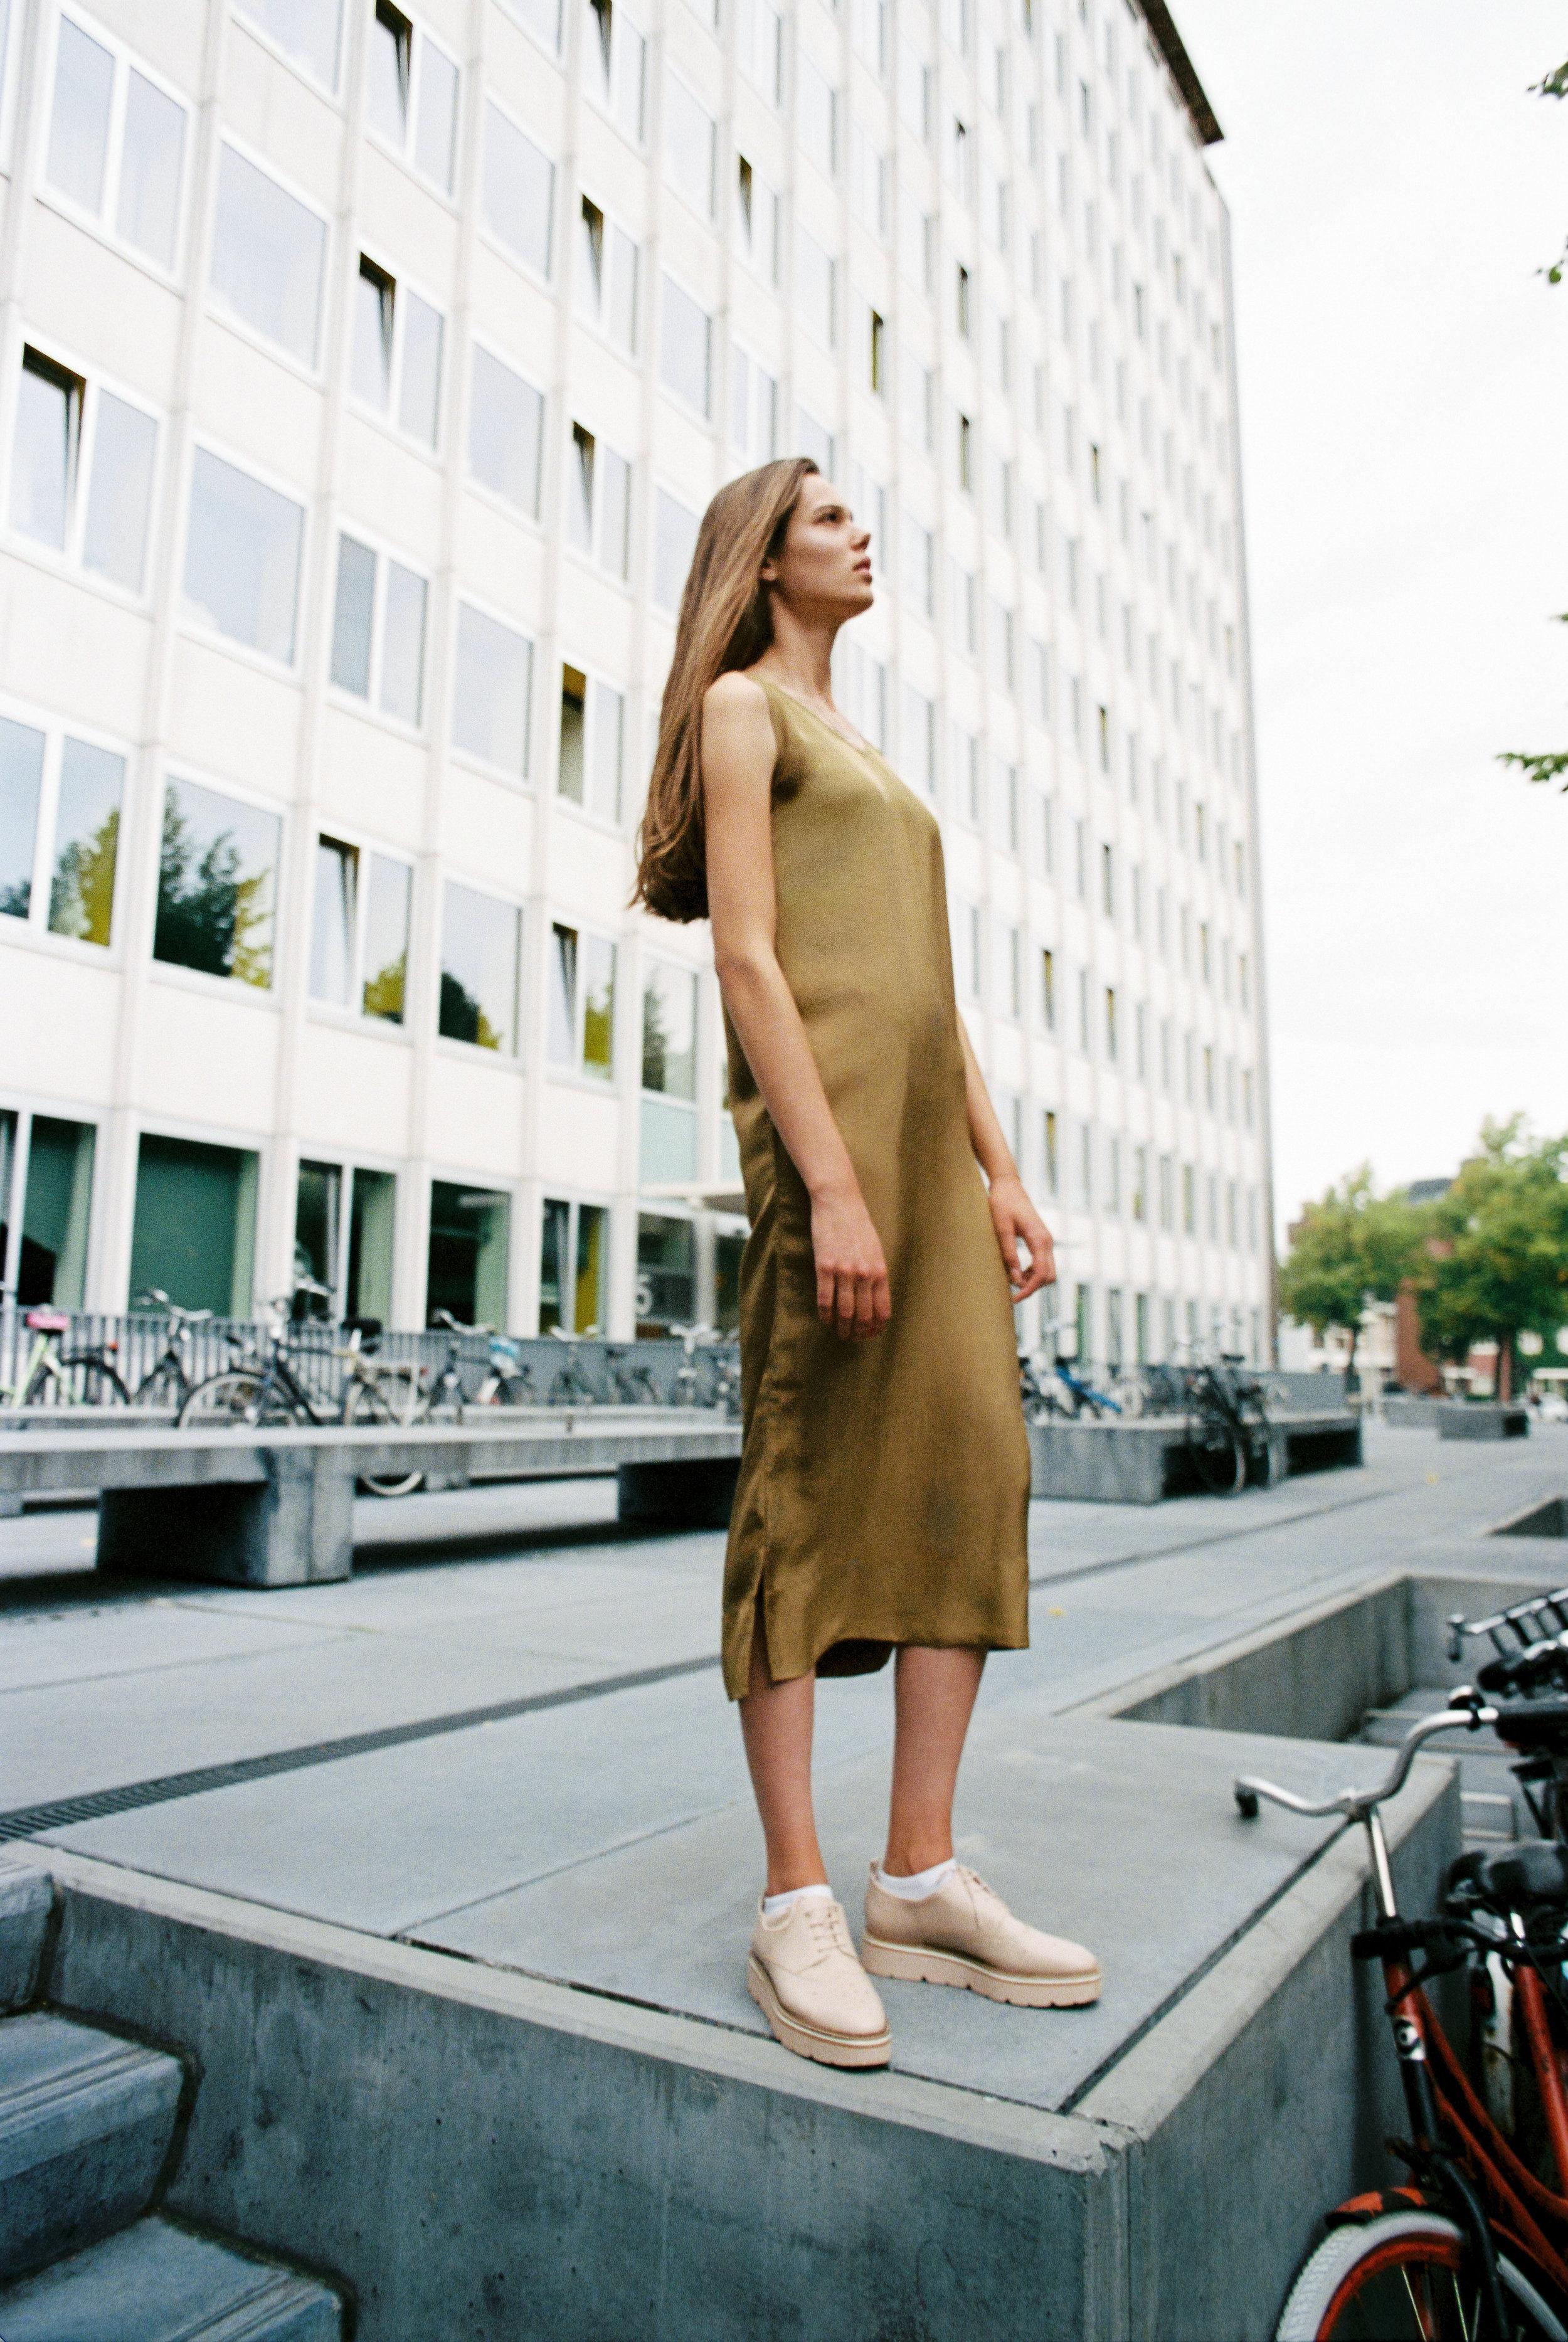 Roll 01-0015-Amsterdam- Ilse Tuit-KodakPortra400-Edit.jpg